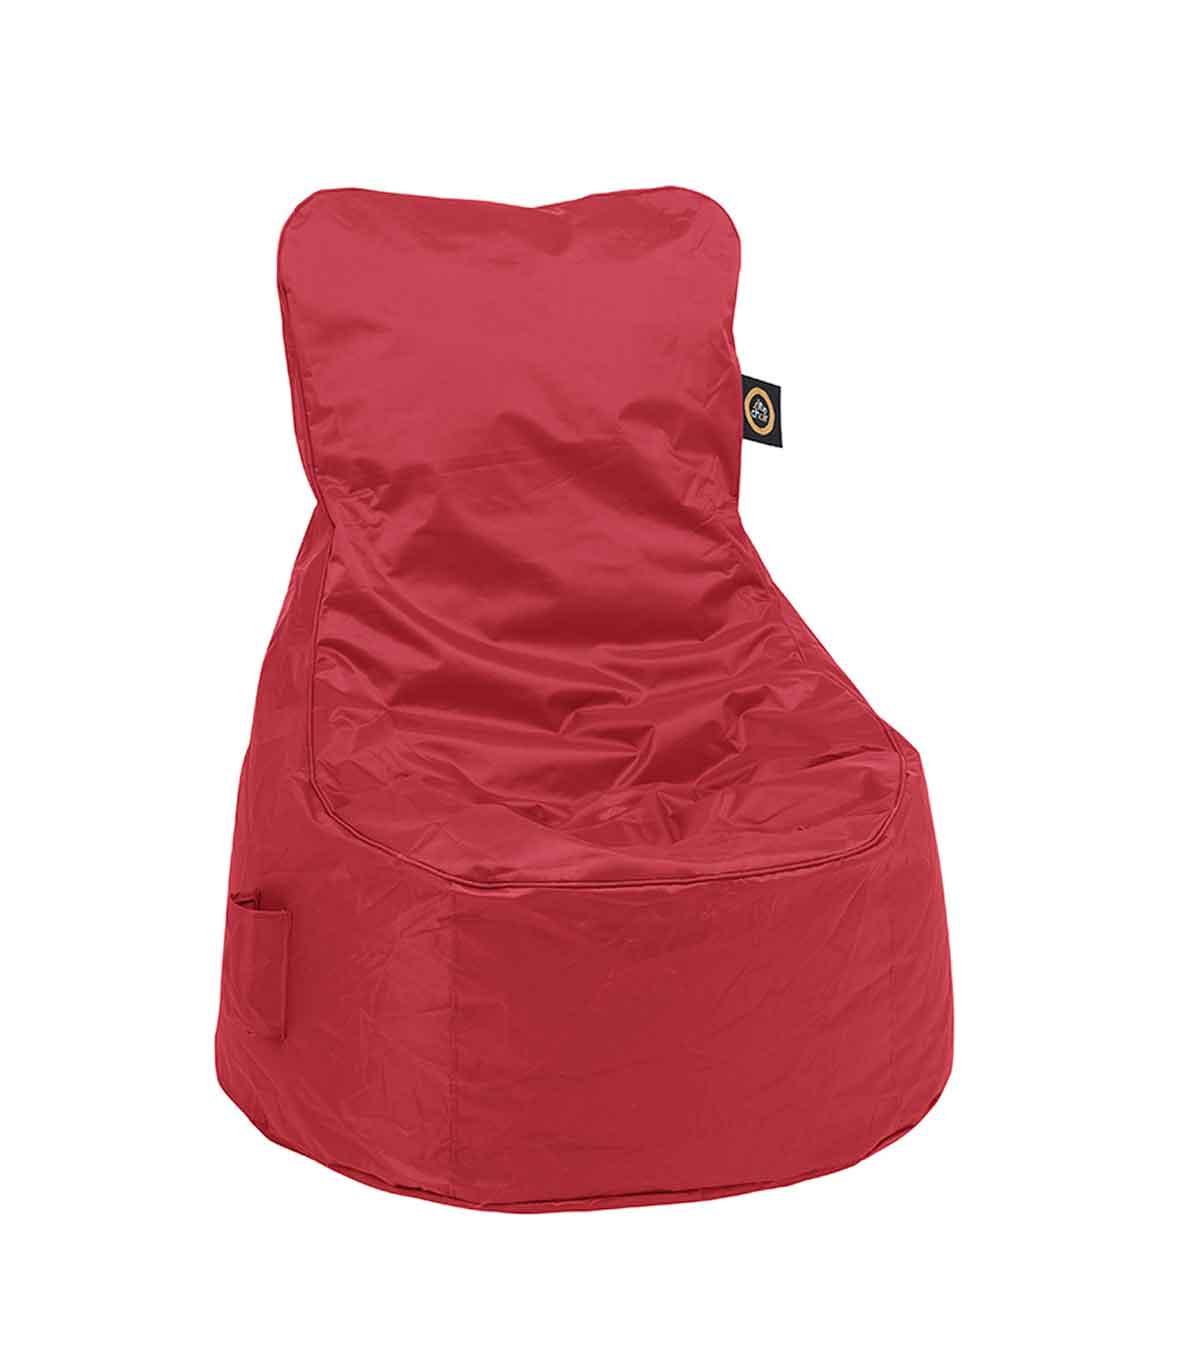 HomeMaison Chaise à billes de polystyrène